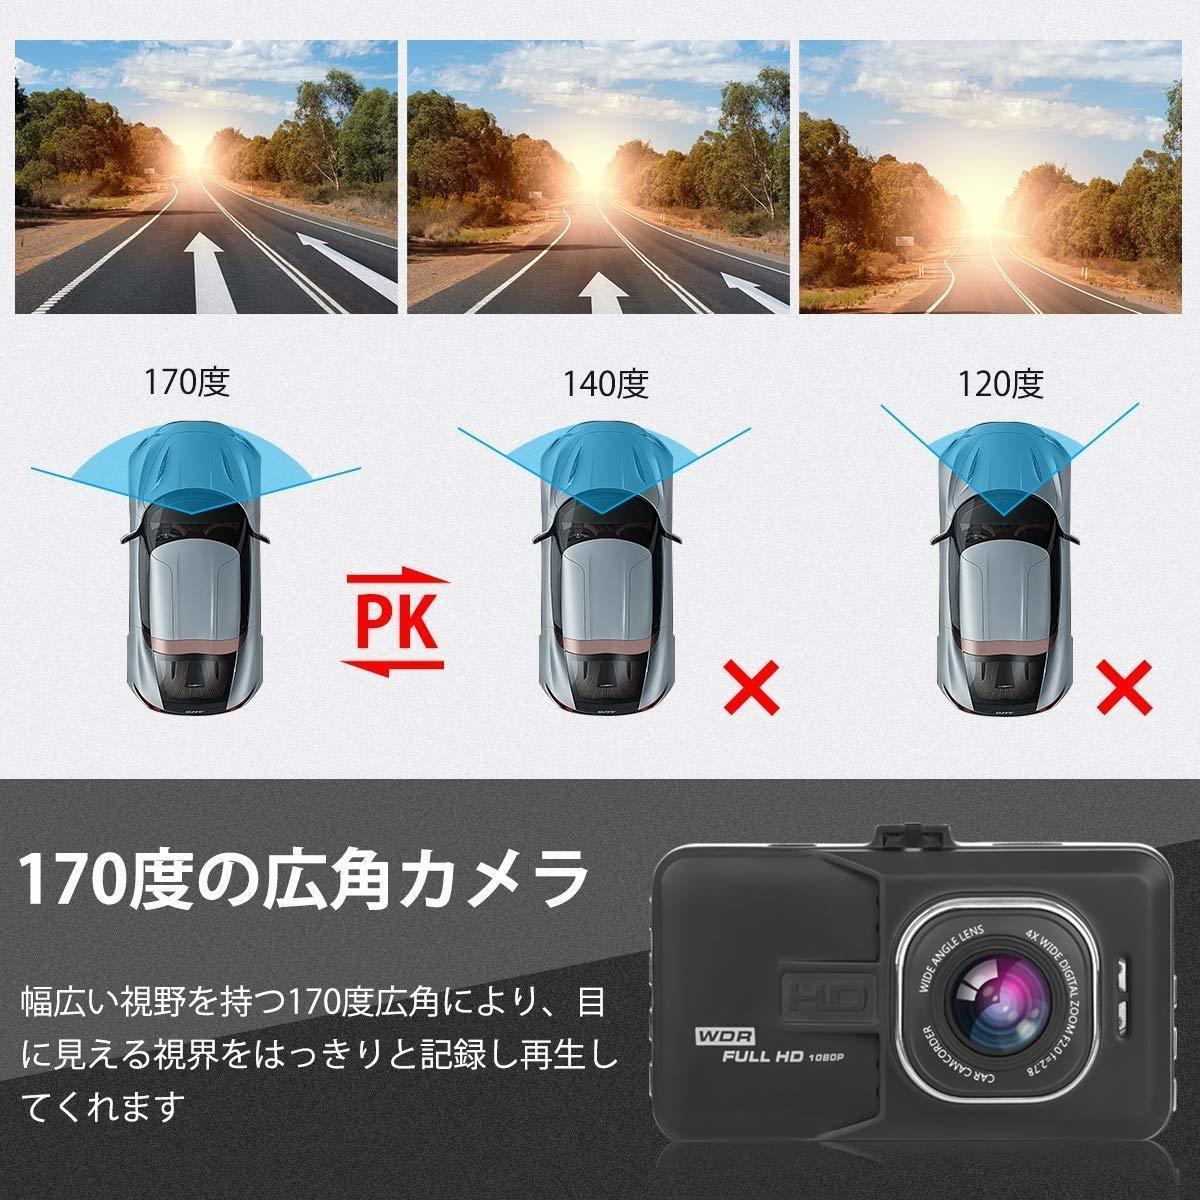 S54 ドライブレコーダー 車載カメラ 1080P フルHD Gセンサー ループ録画 駐車監視 WDR 衝撃録画 日本語 ブラック_画像3